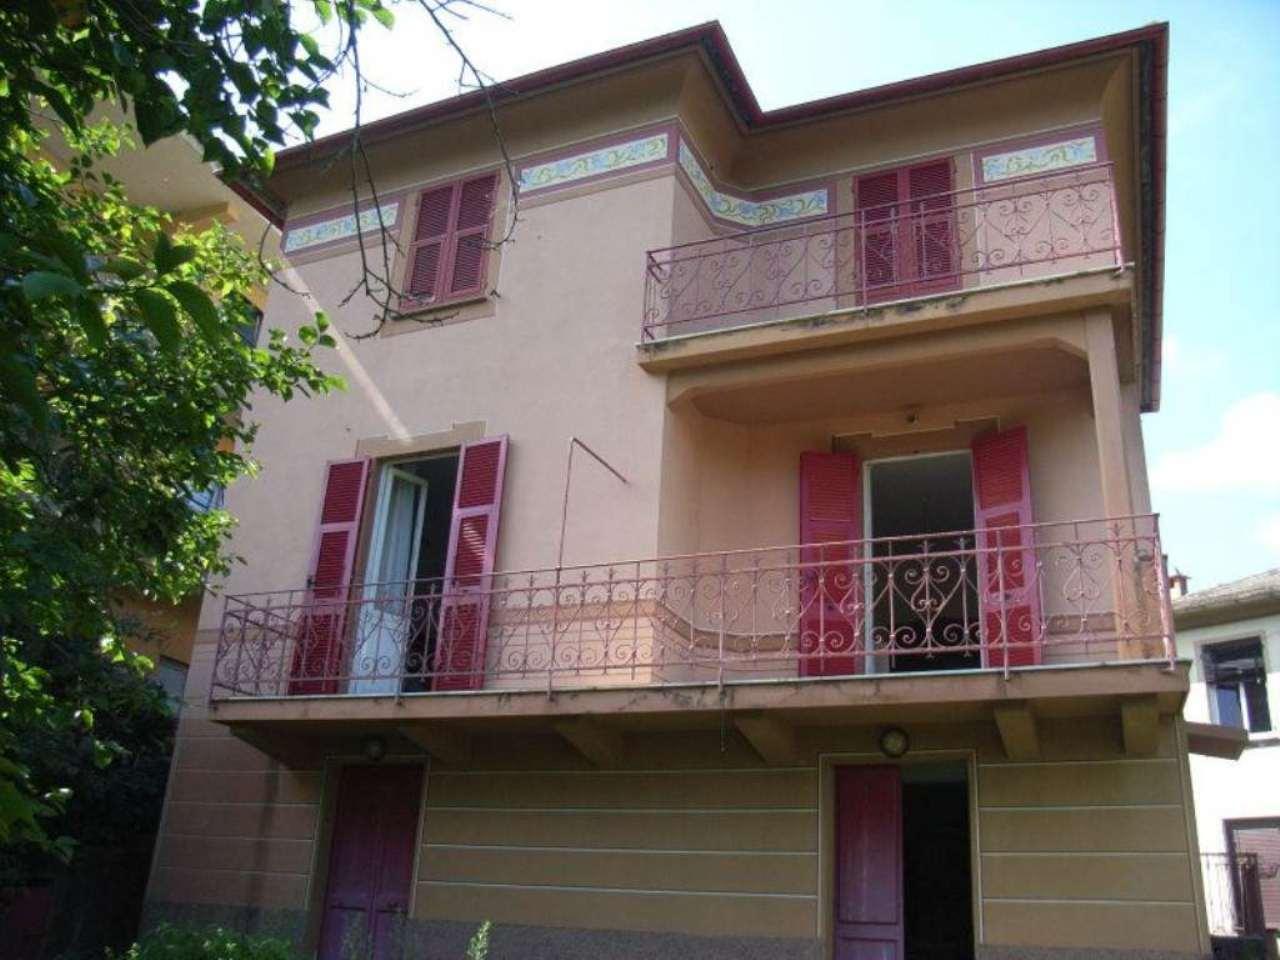 Soluzione Indipendente in vendita a Lumarzo, 8 locali, prezzo € 150.000 | Cambio Casa.it